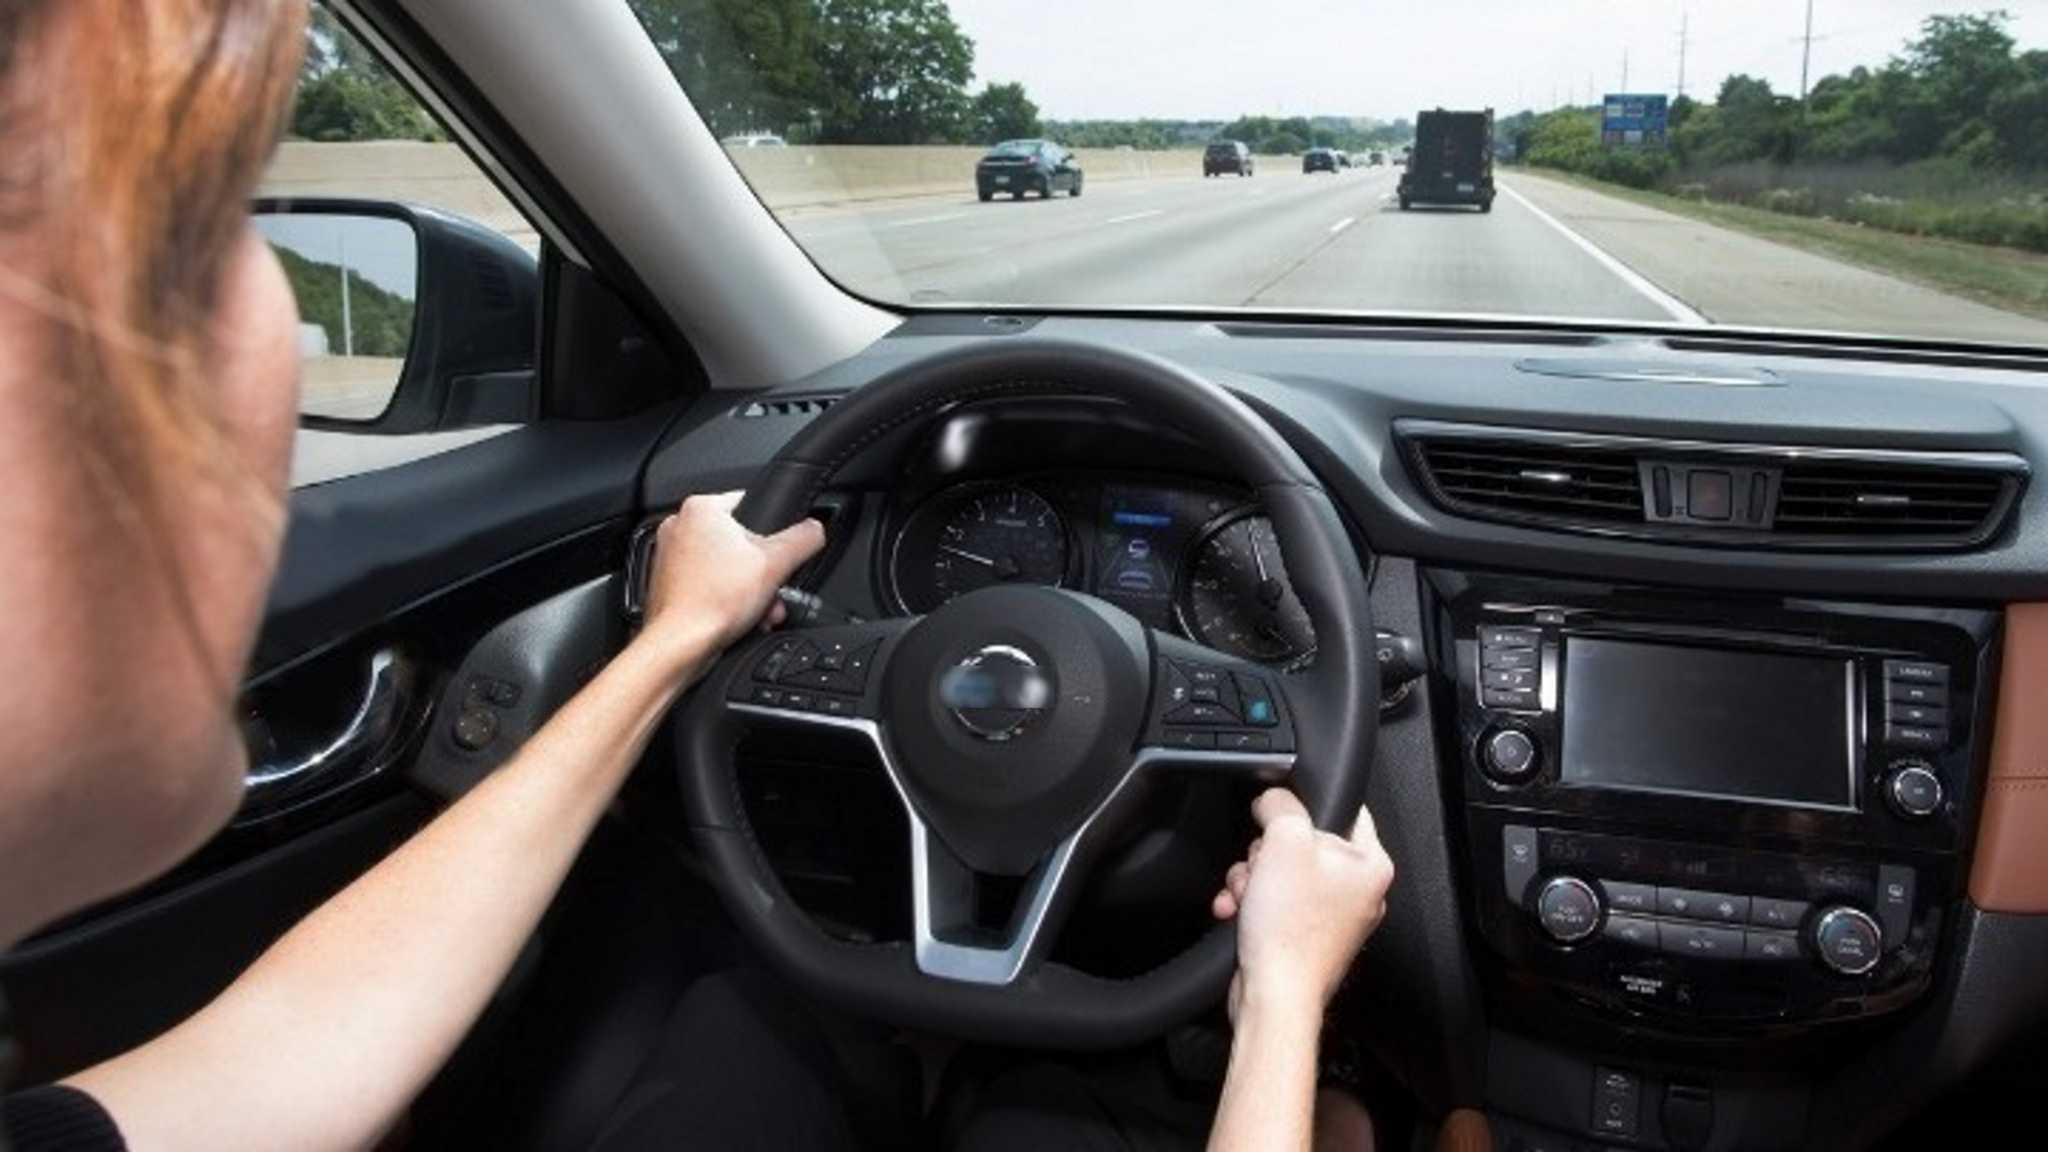 Οδική Ασφάλεια: Κάλμαραν οι Ευρωπαίοι οδηγοί την περίοδο της πανδημίας